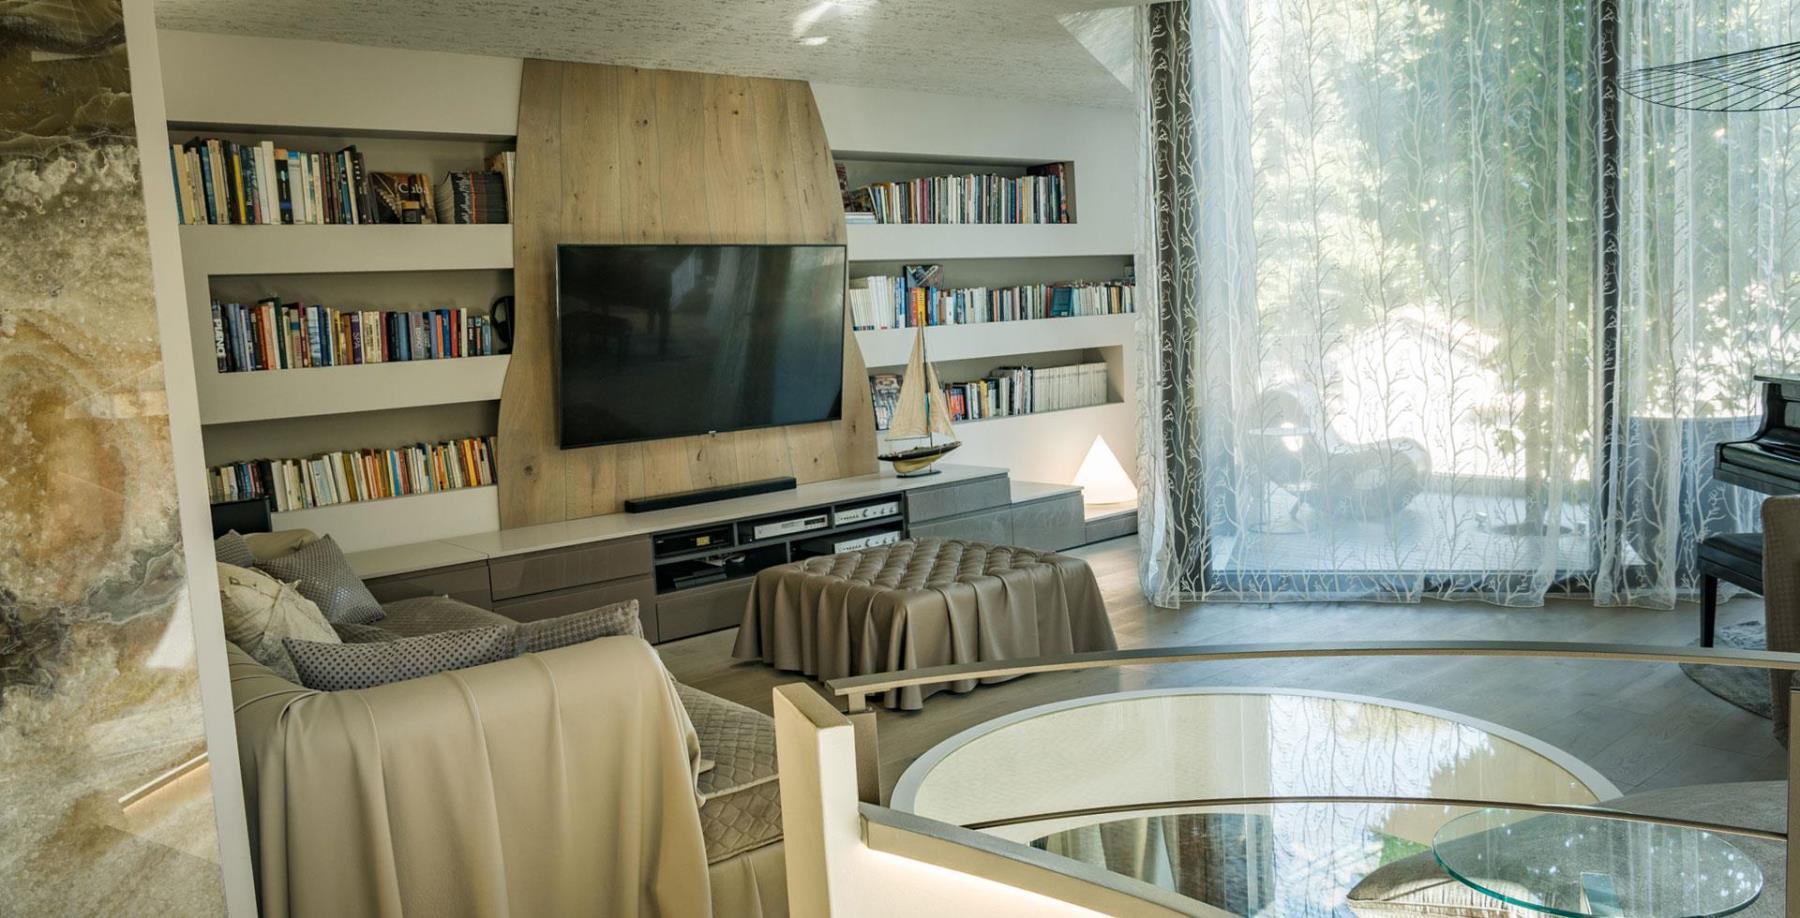 Produzione mobili zona giorno progetto arredamento living for Mobili zona giorno